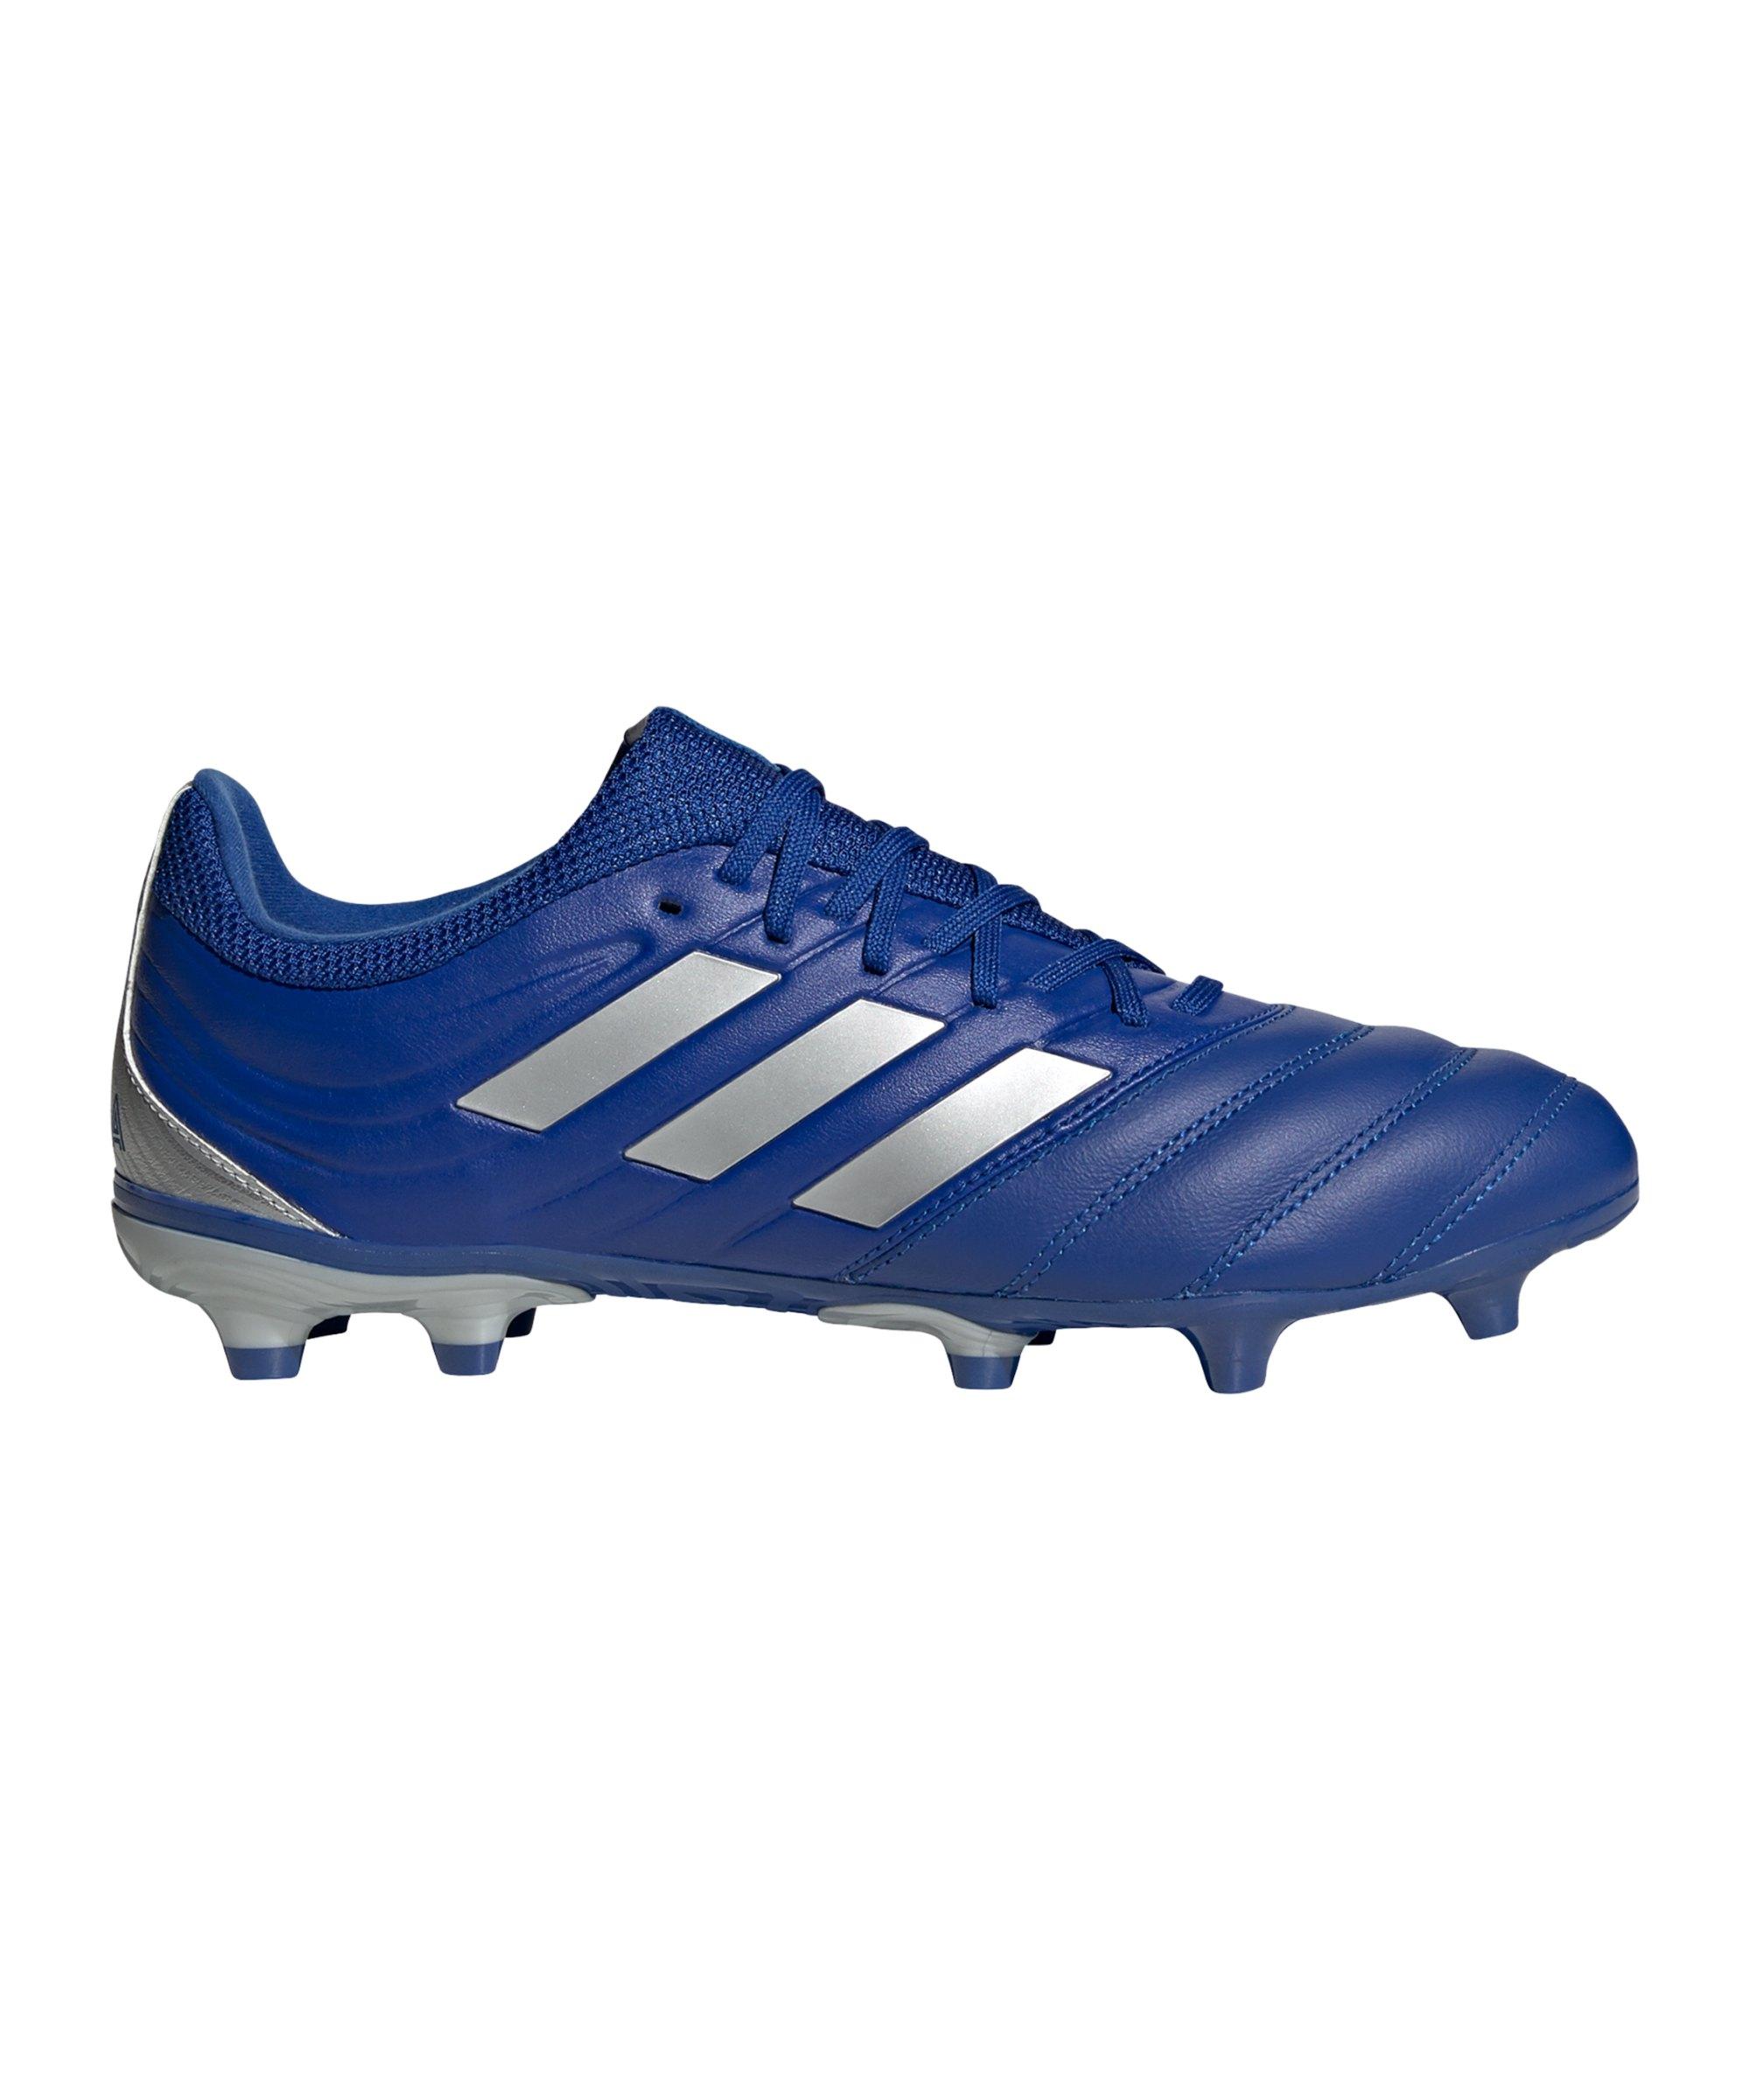 adidas COPA Inflight 20.3 FG Blau Silber - blau